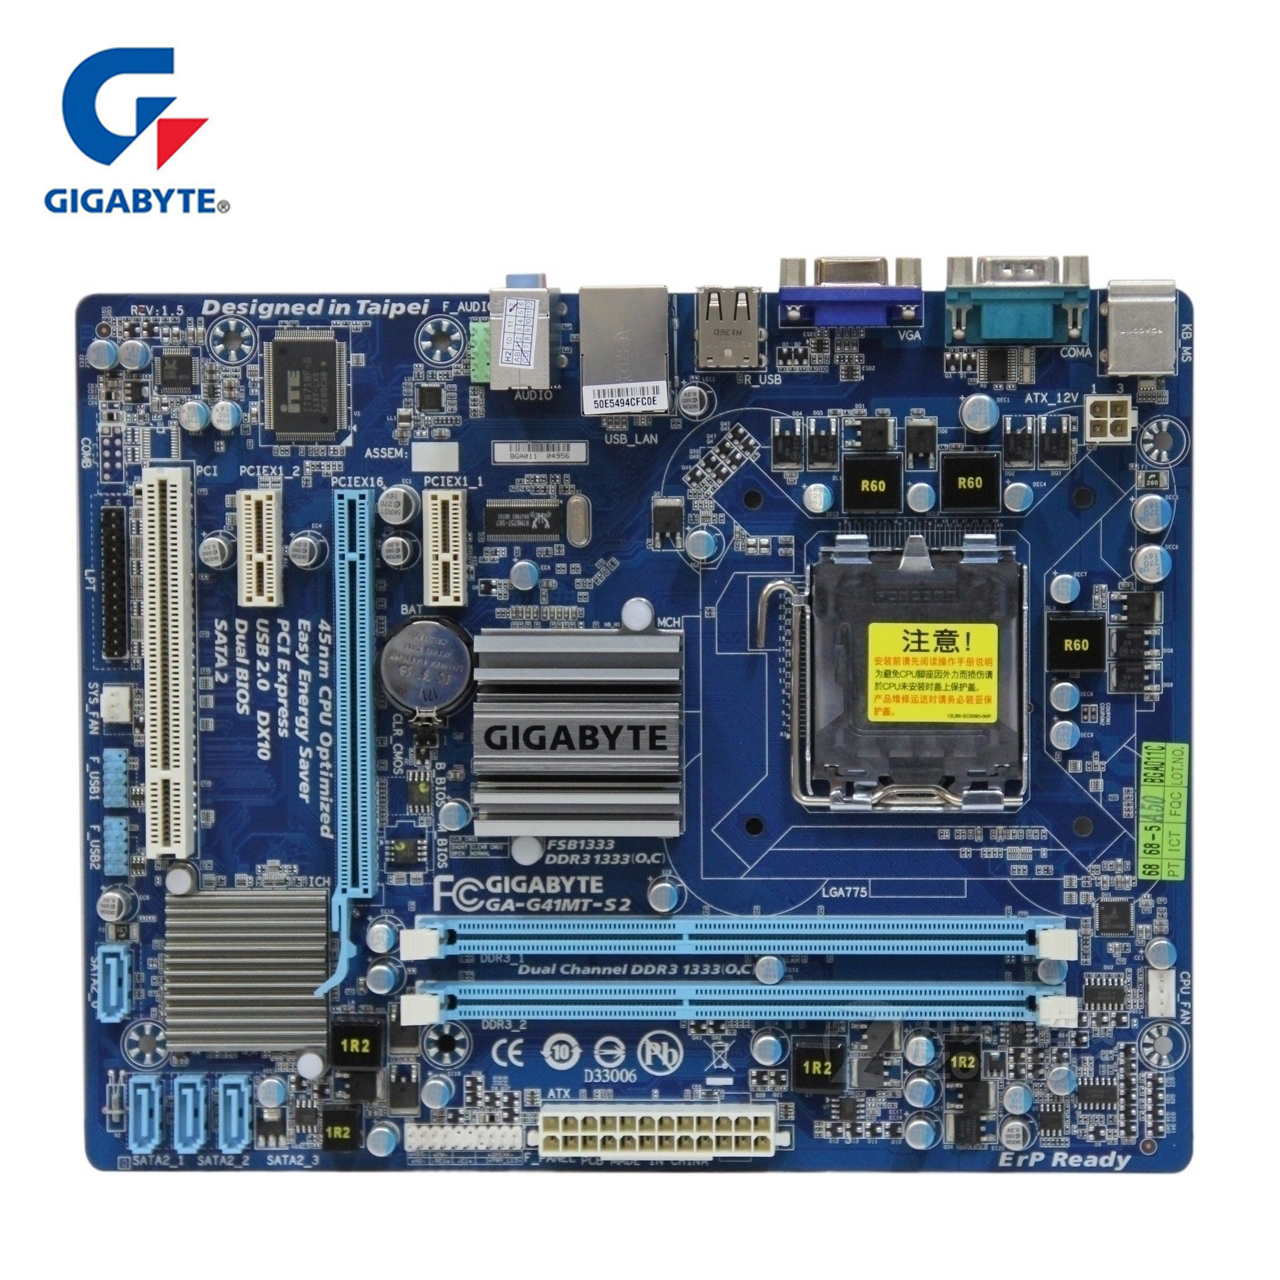 100% Gigabyte GA-G41MT-S2 Carte Mère LGA 775 DDR3 Micro ATX USB2.0 De Bureau Carte Mère SATA2 Pour Intel G41 D3H DDR3 G41MT S2 utilisé